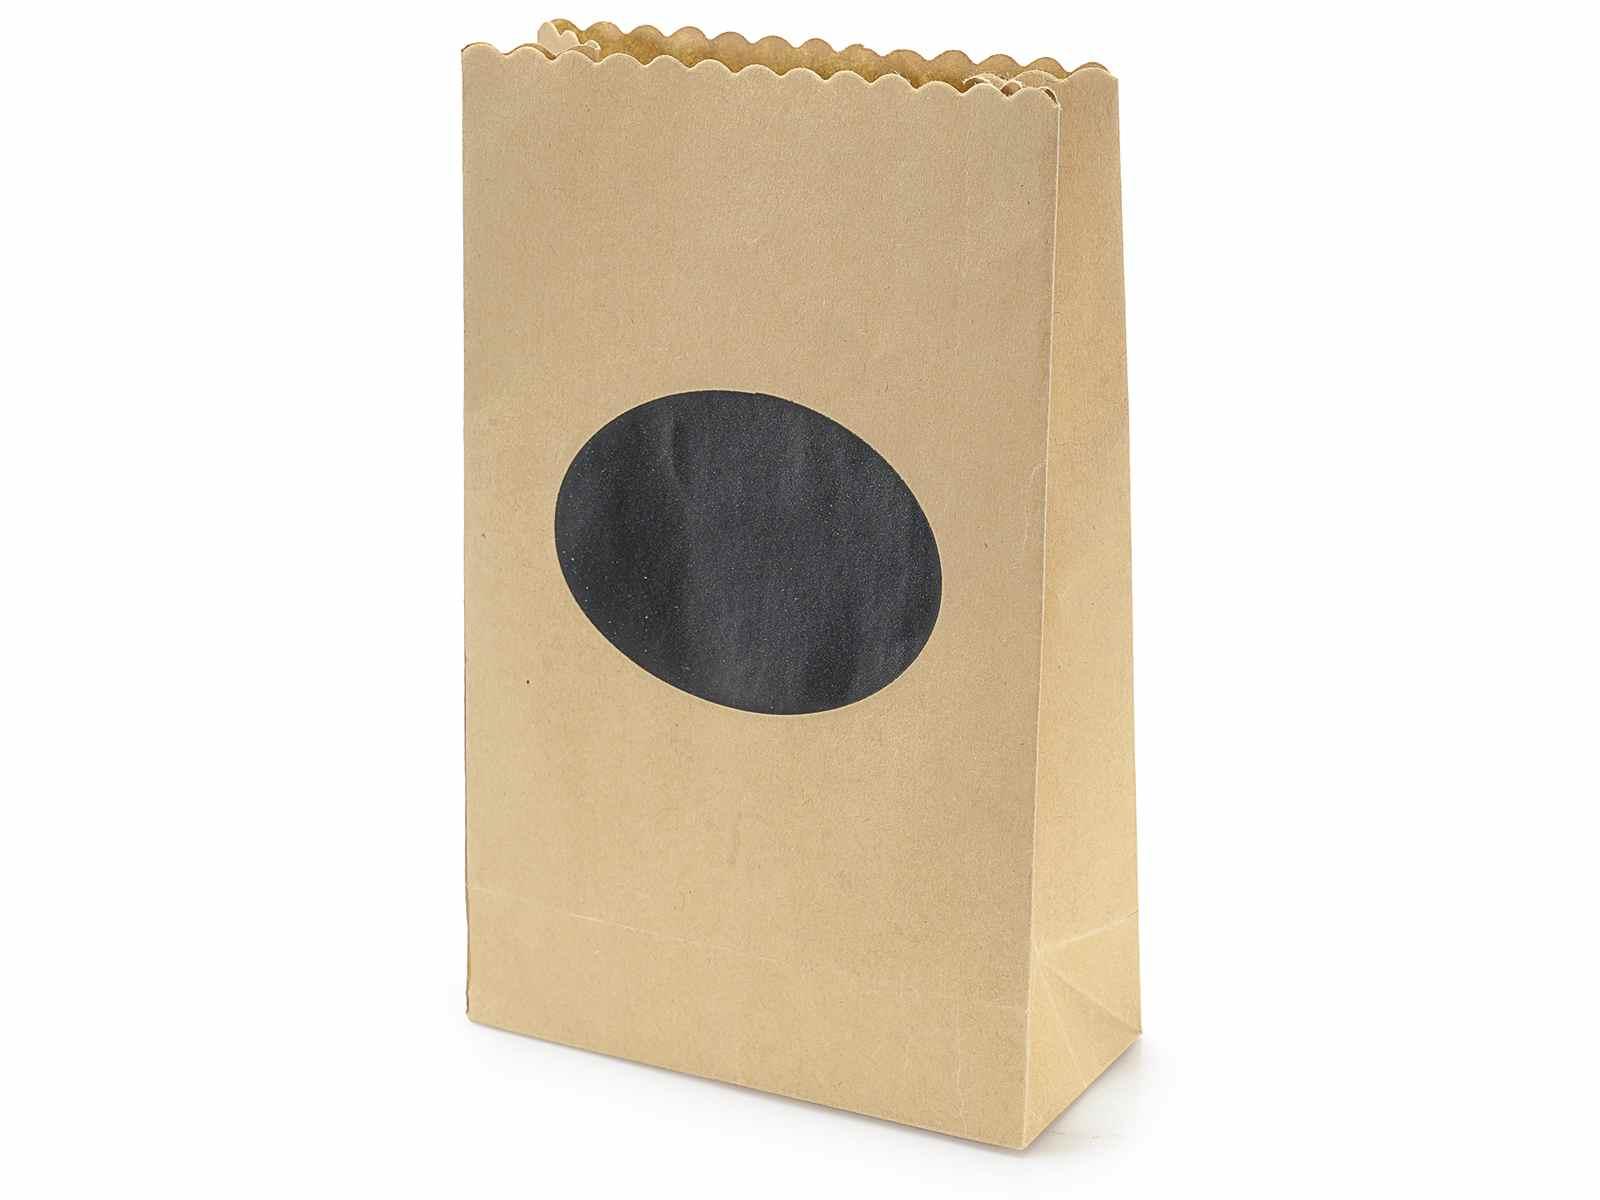 paquet 6 sachets en papier naturel avec ardoise art from italy. Black Bedroom Furniture Sets. Home Design Ideas